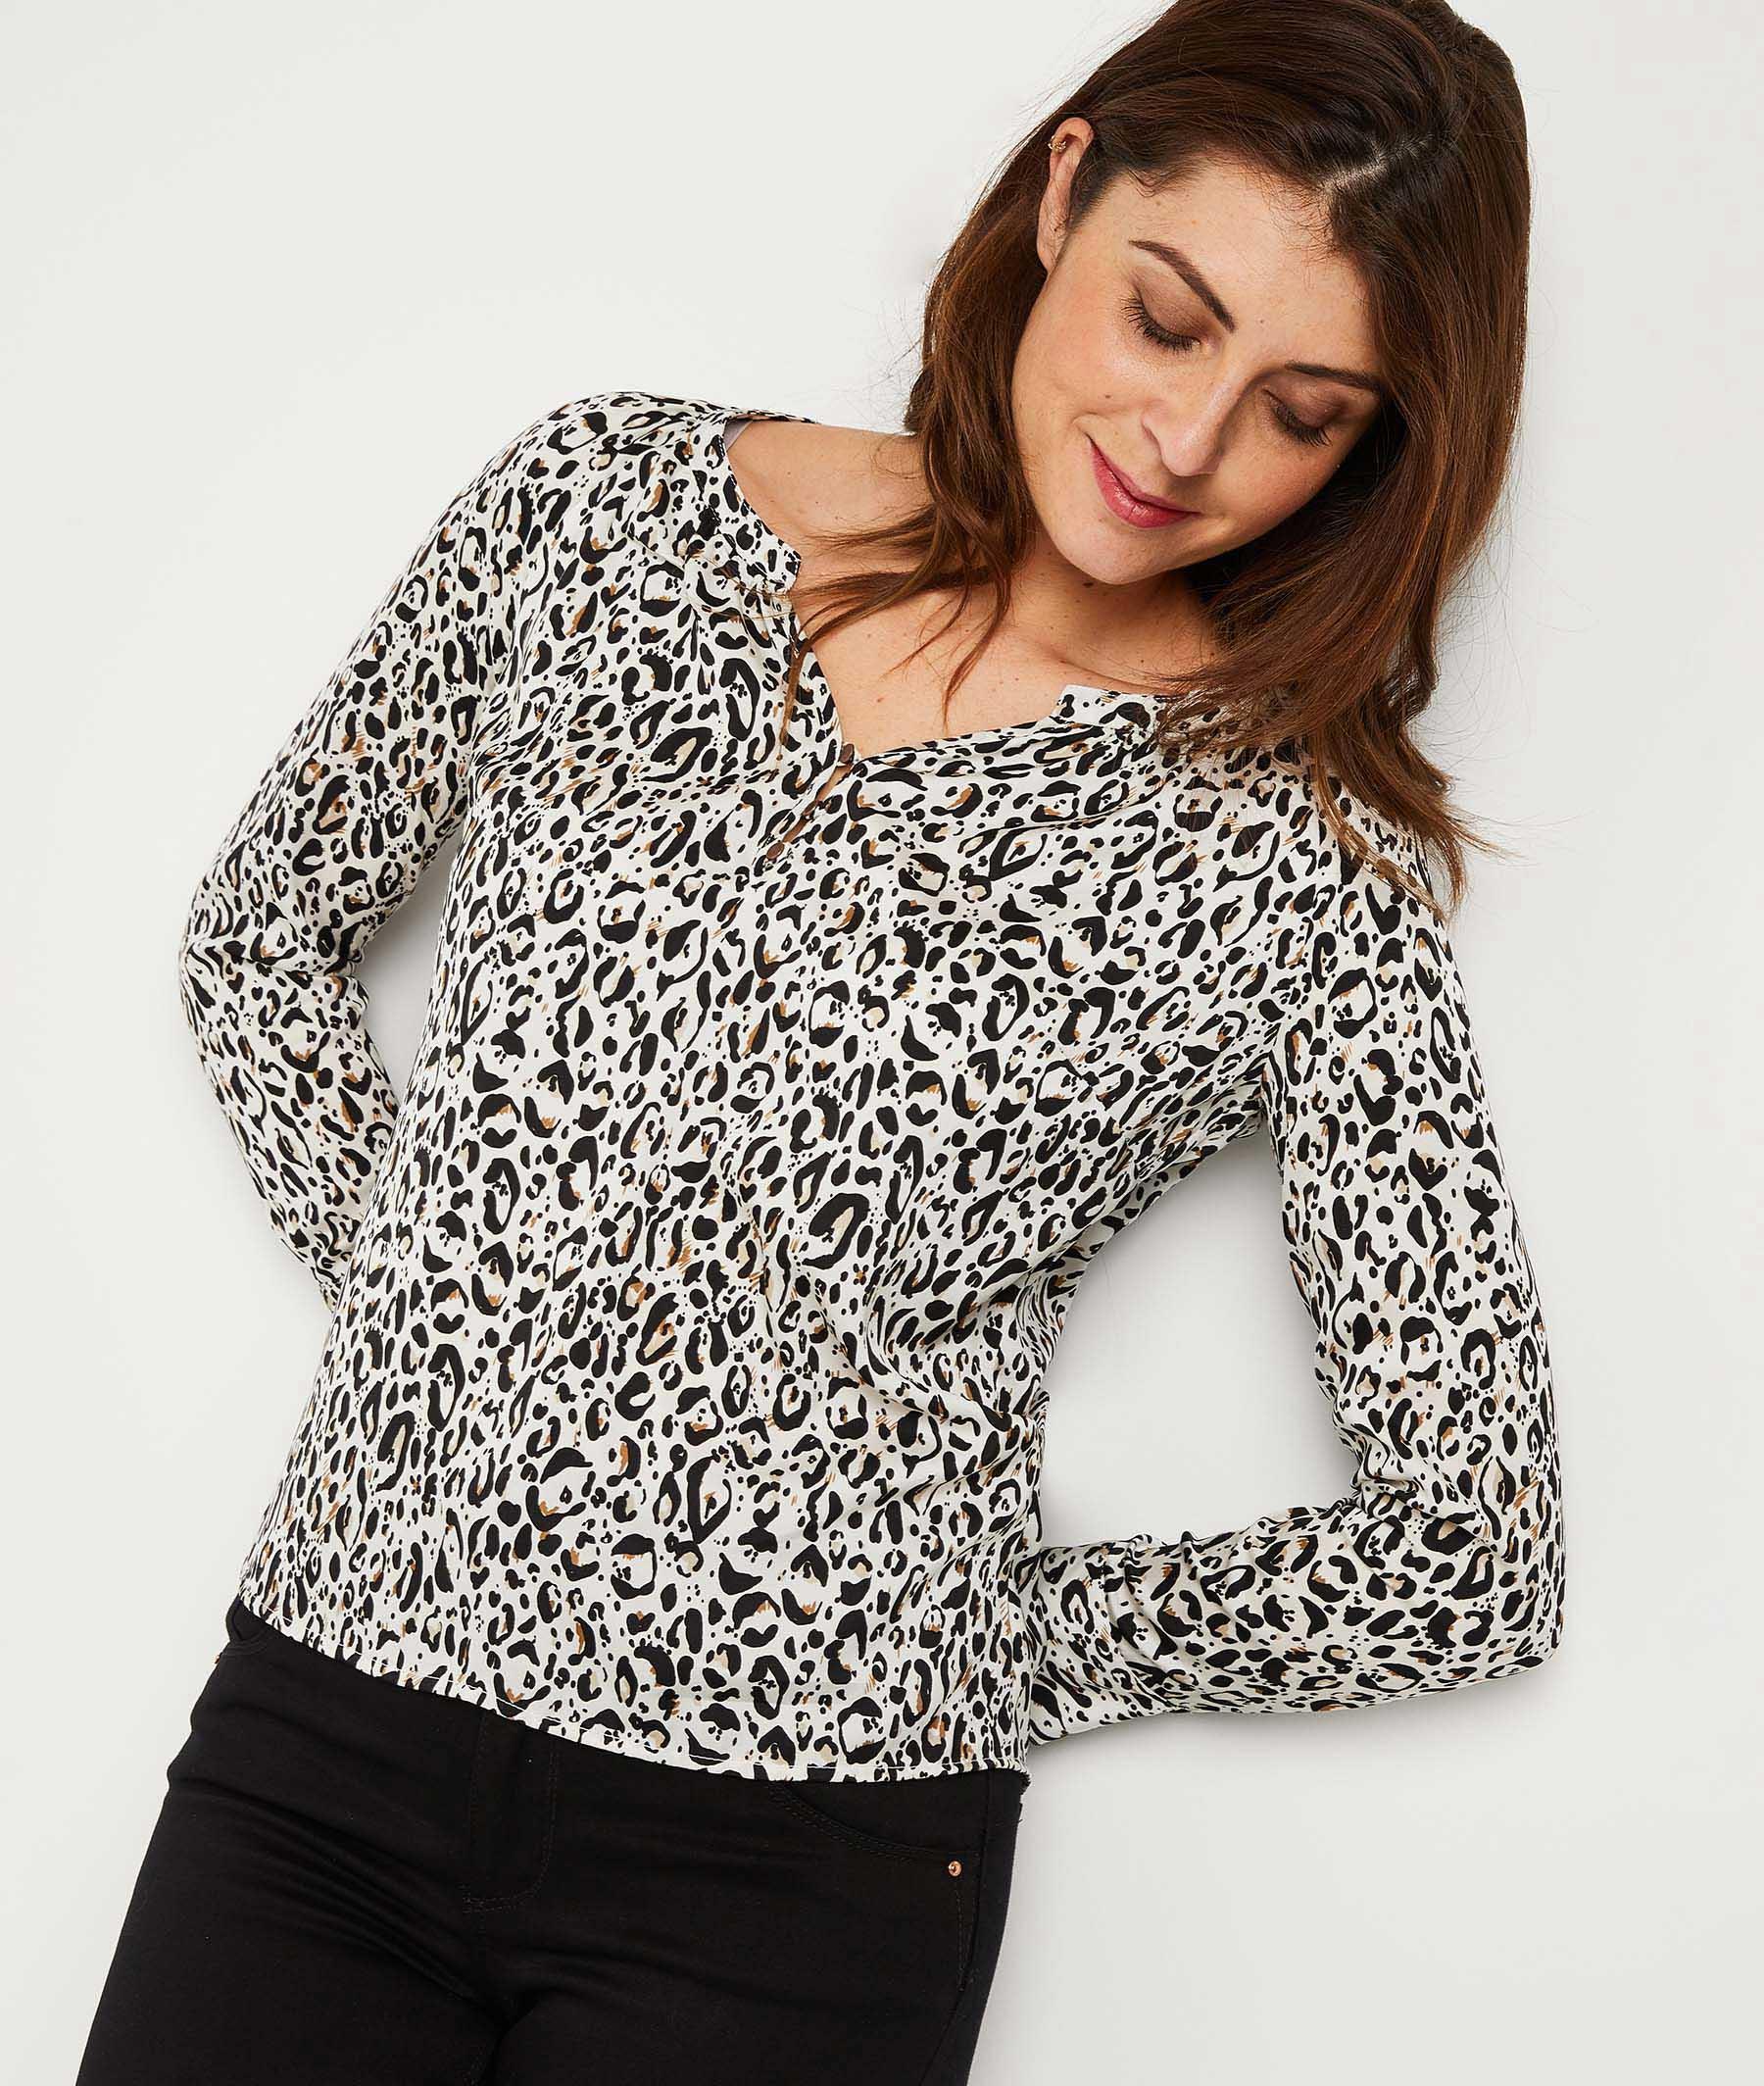 Blouse imprimé léopard femme IMPRIME